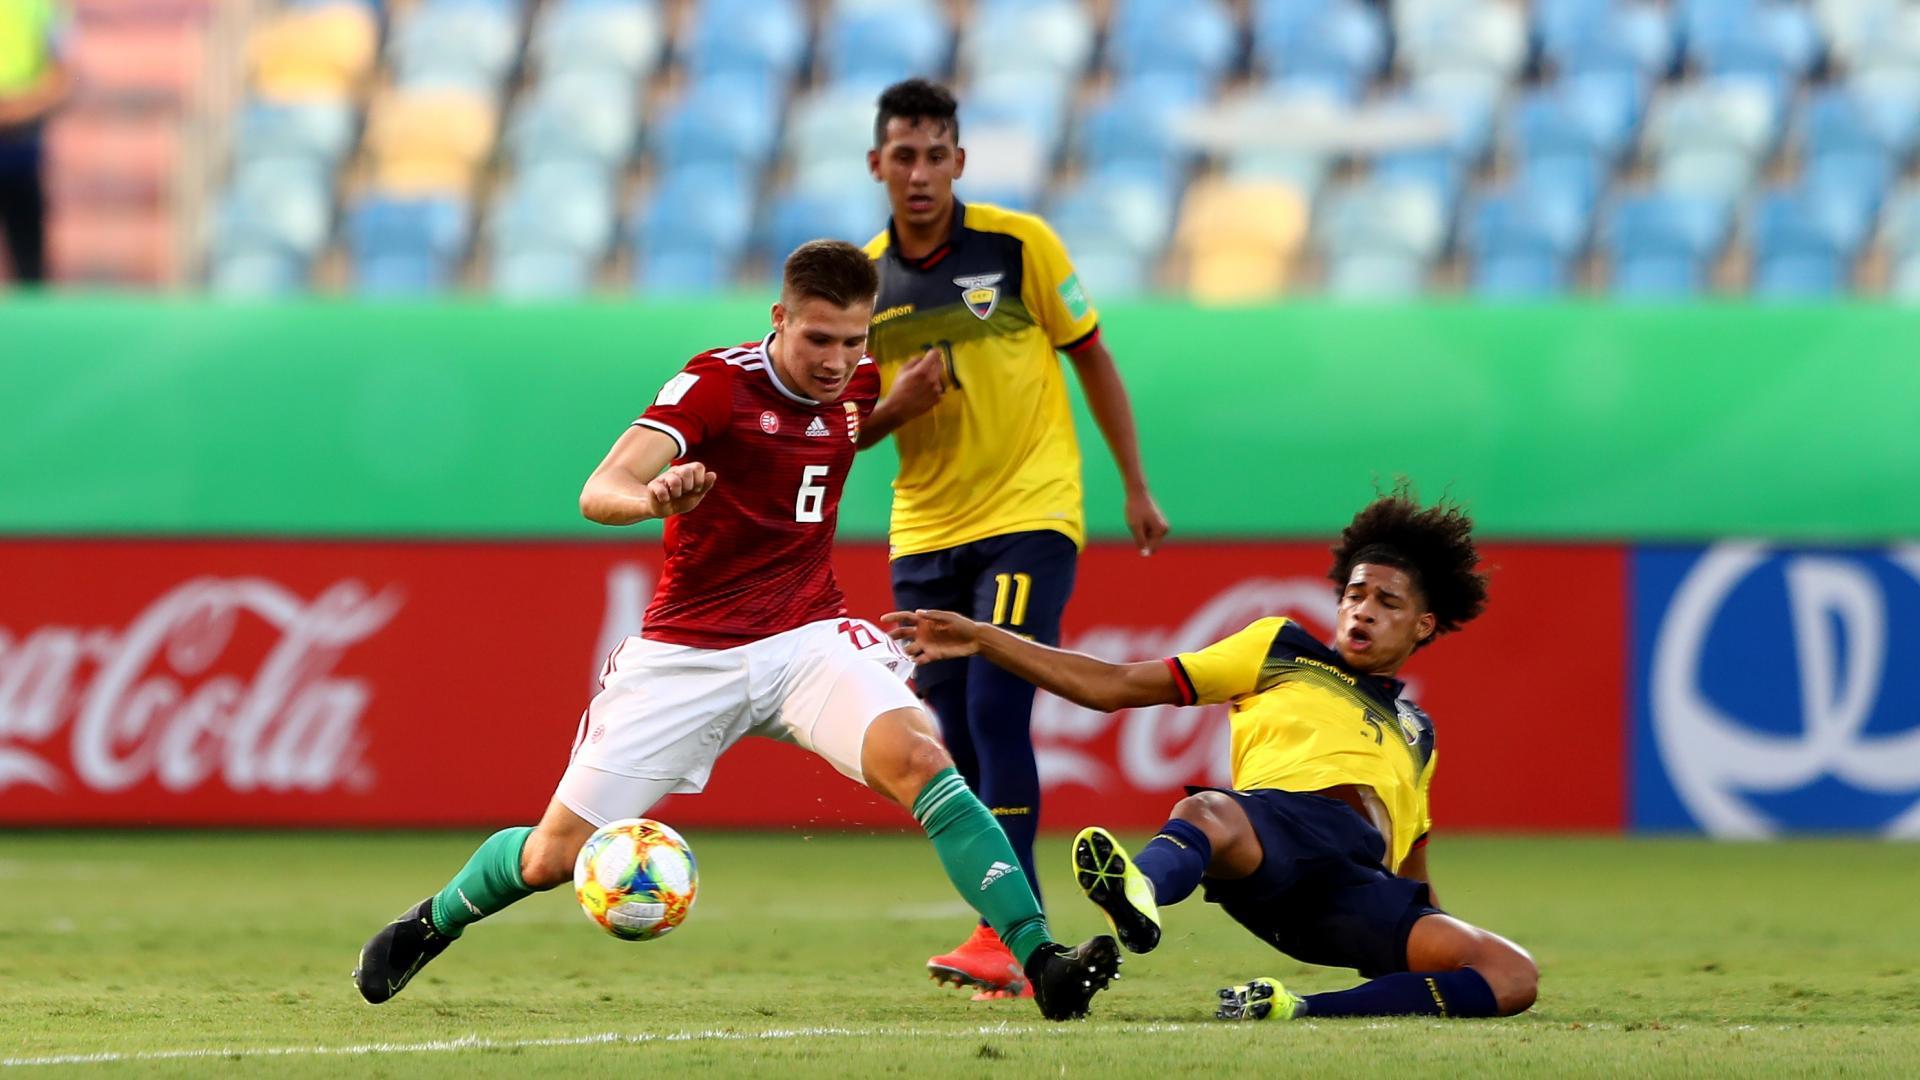 Három játékosunkra számítanak az U19-es válogatottban